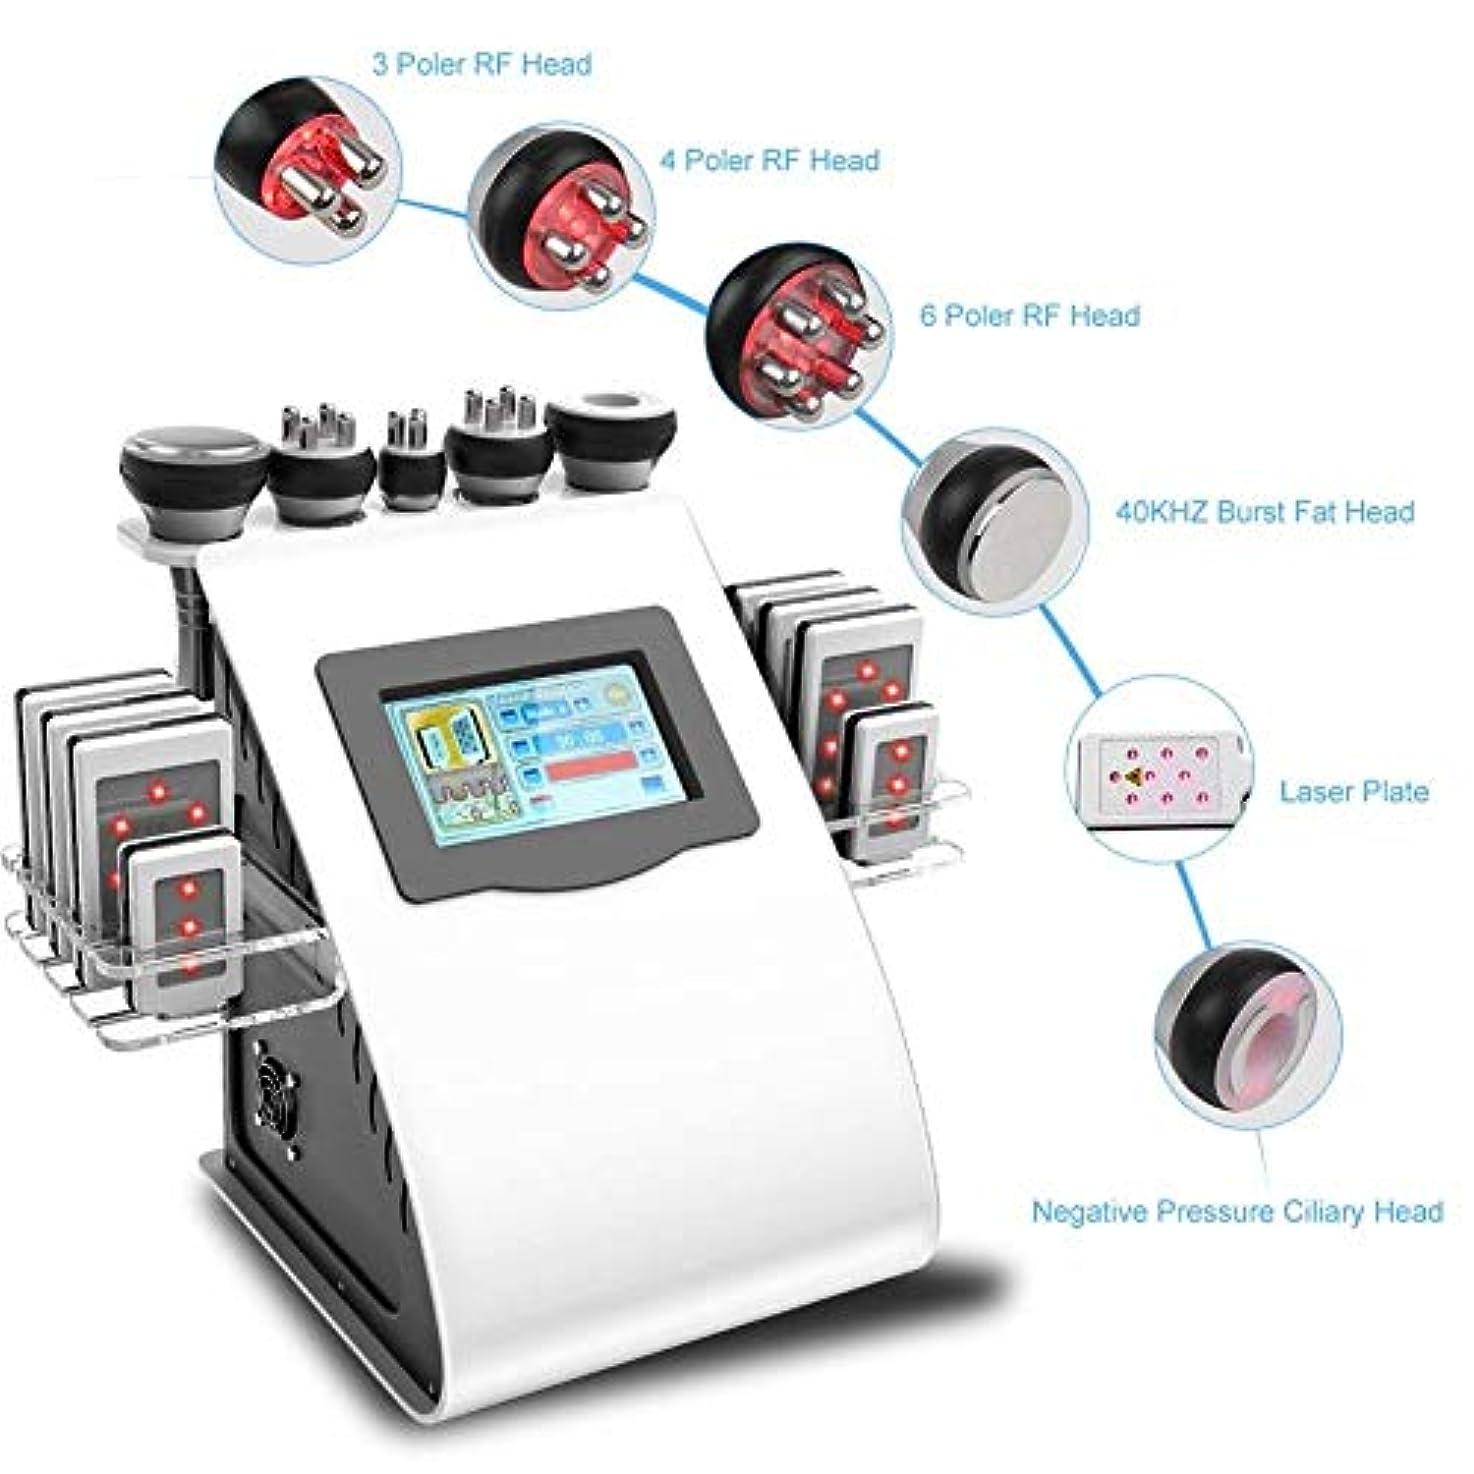 取り替えるうそつき苦いマッサージ、フェイスケアボディスリミングシェーピング治療装置の機械、40Kプロフェッショナル脂肪マッサージ、美容R/F多極真空ツールリフティングスキンをシェーピングボディ、スキンケアSPAは、脂肪、脂肪燃焼しわ除去機を削除します